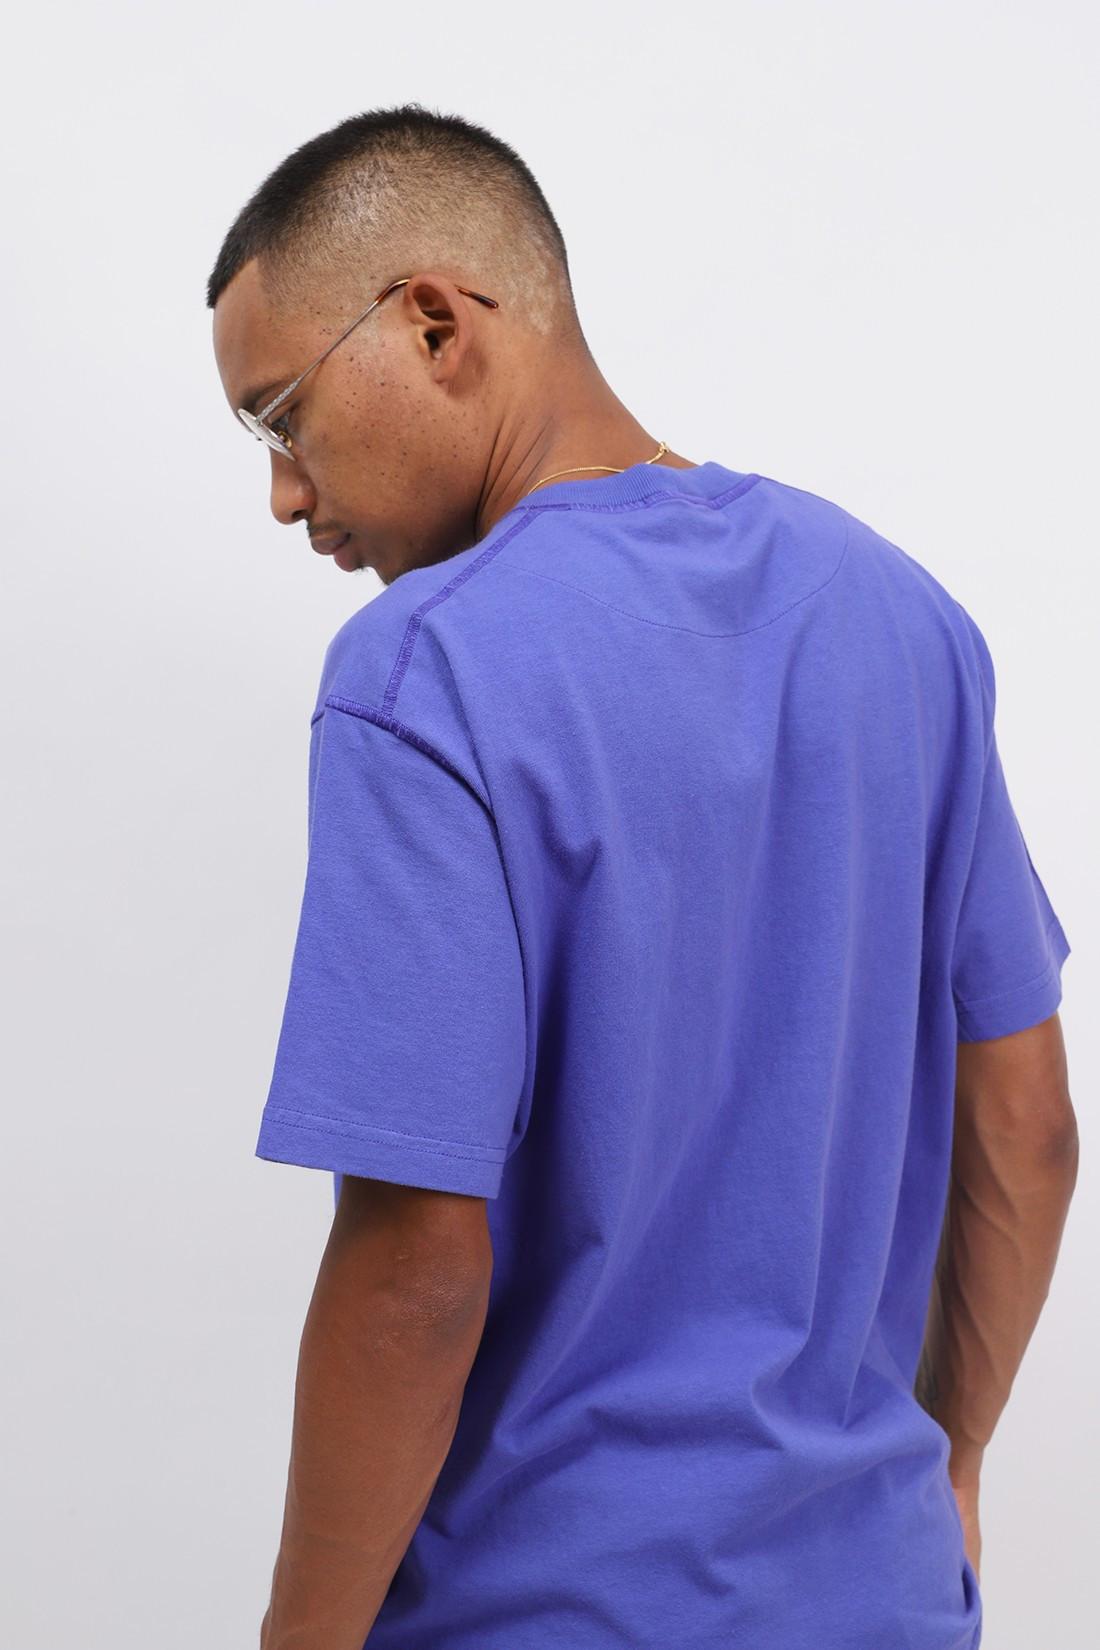 STONE ISLAND / 23742 fissato t shirt v0043 Pervinca